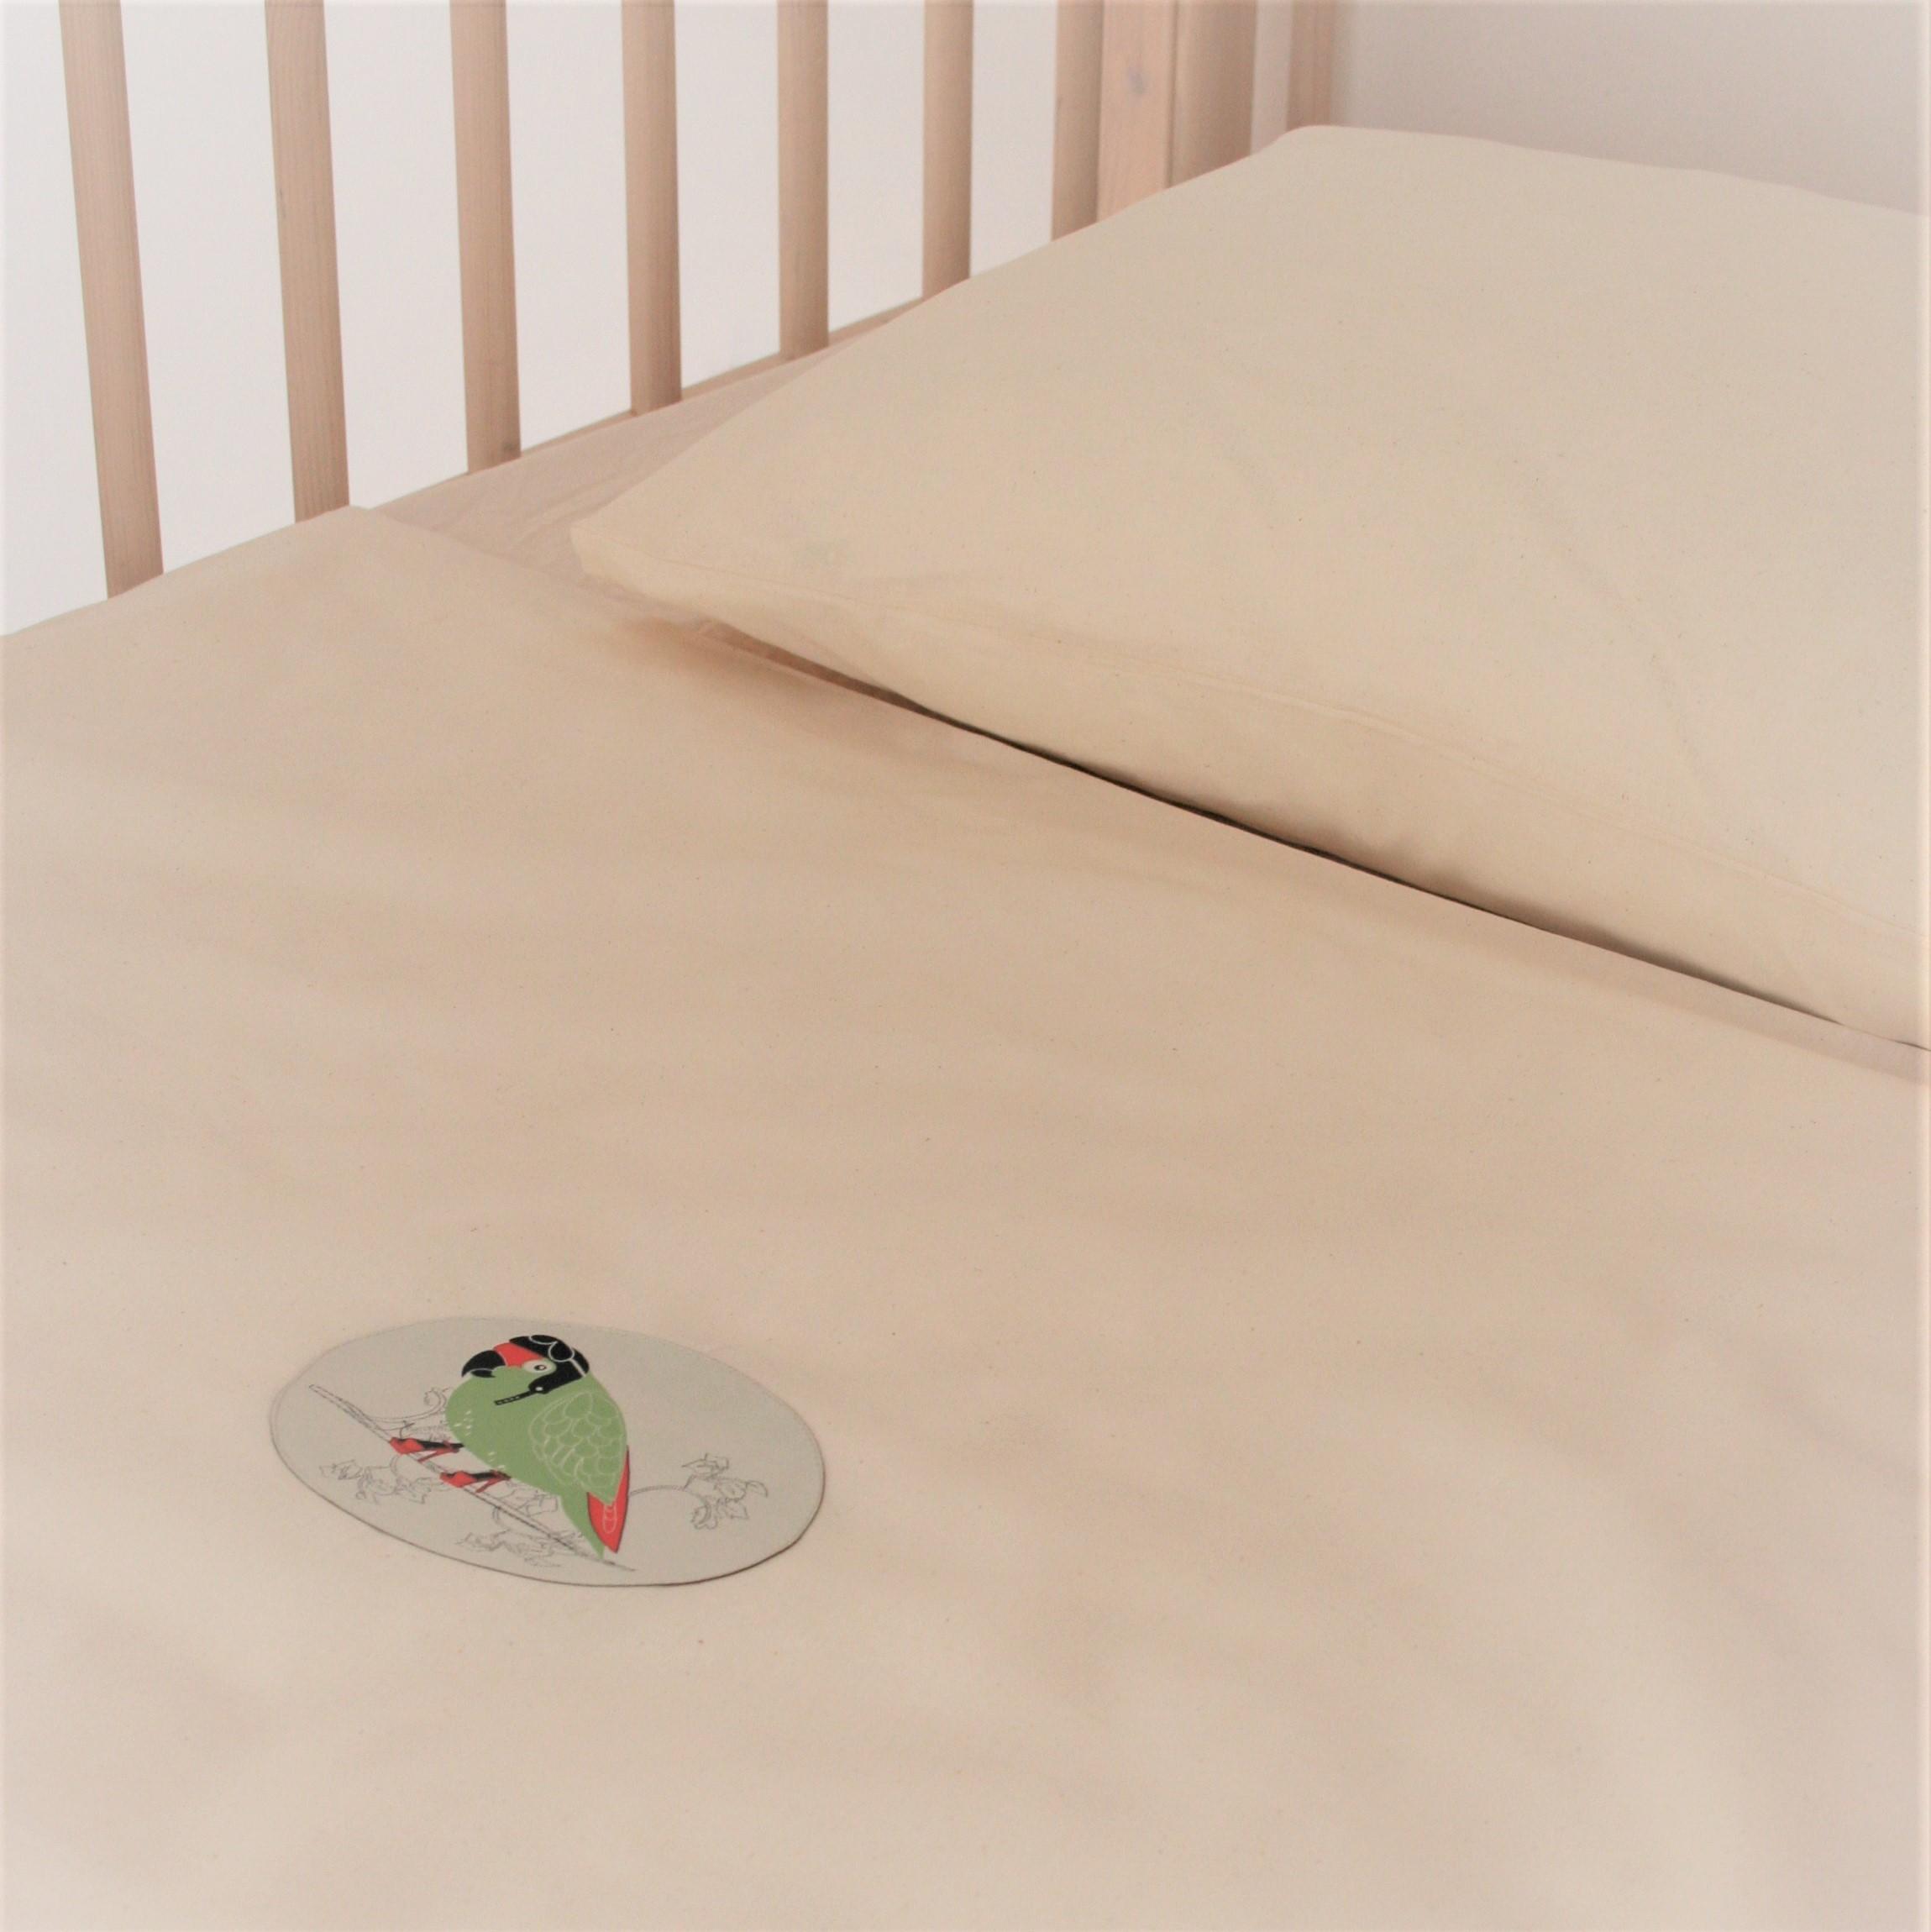 ia io bettw sche kba edel ehrlich bio bio kinder bettw sche vertr umter papagei. Black Bedroom Furniture Sets. Home Design Ideas